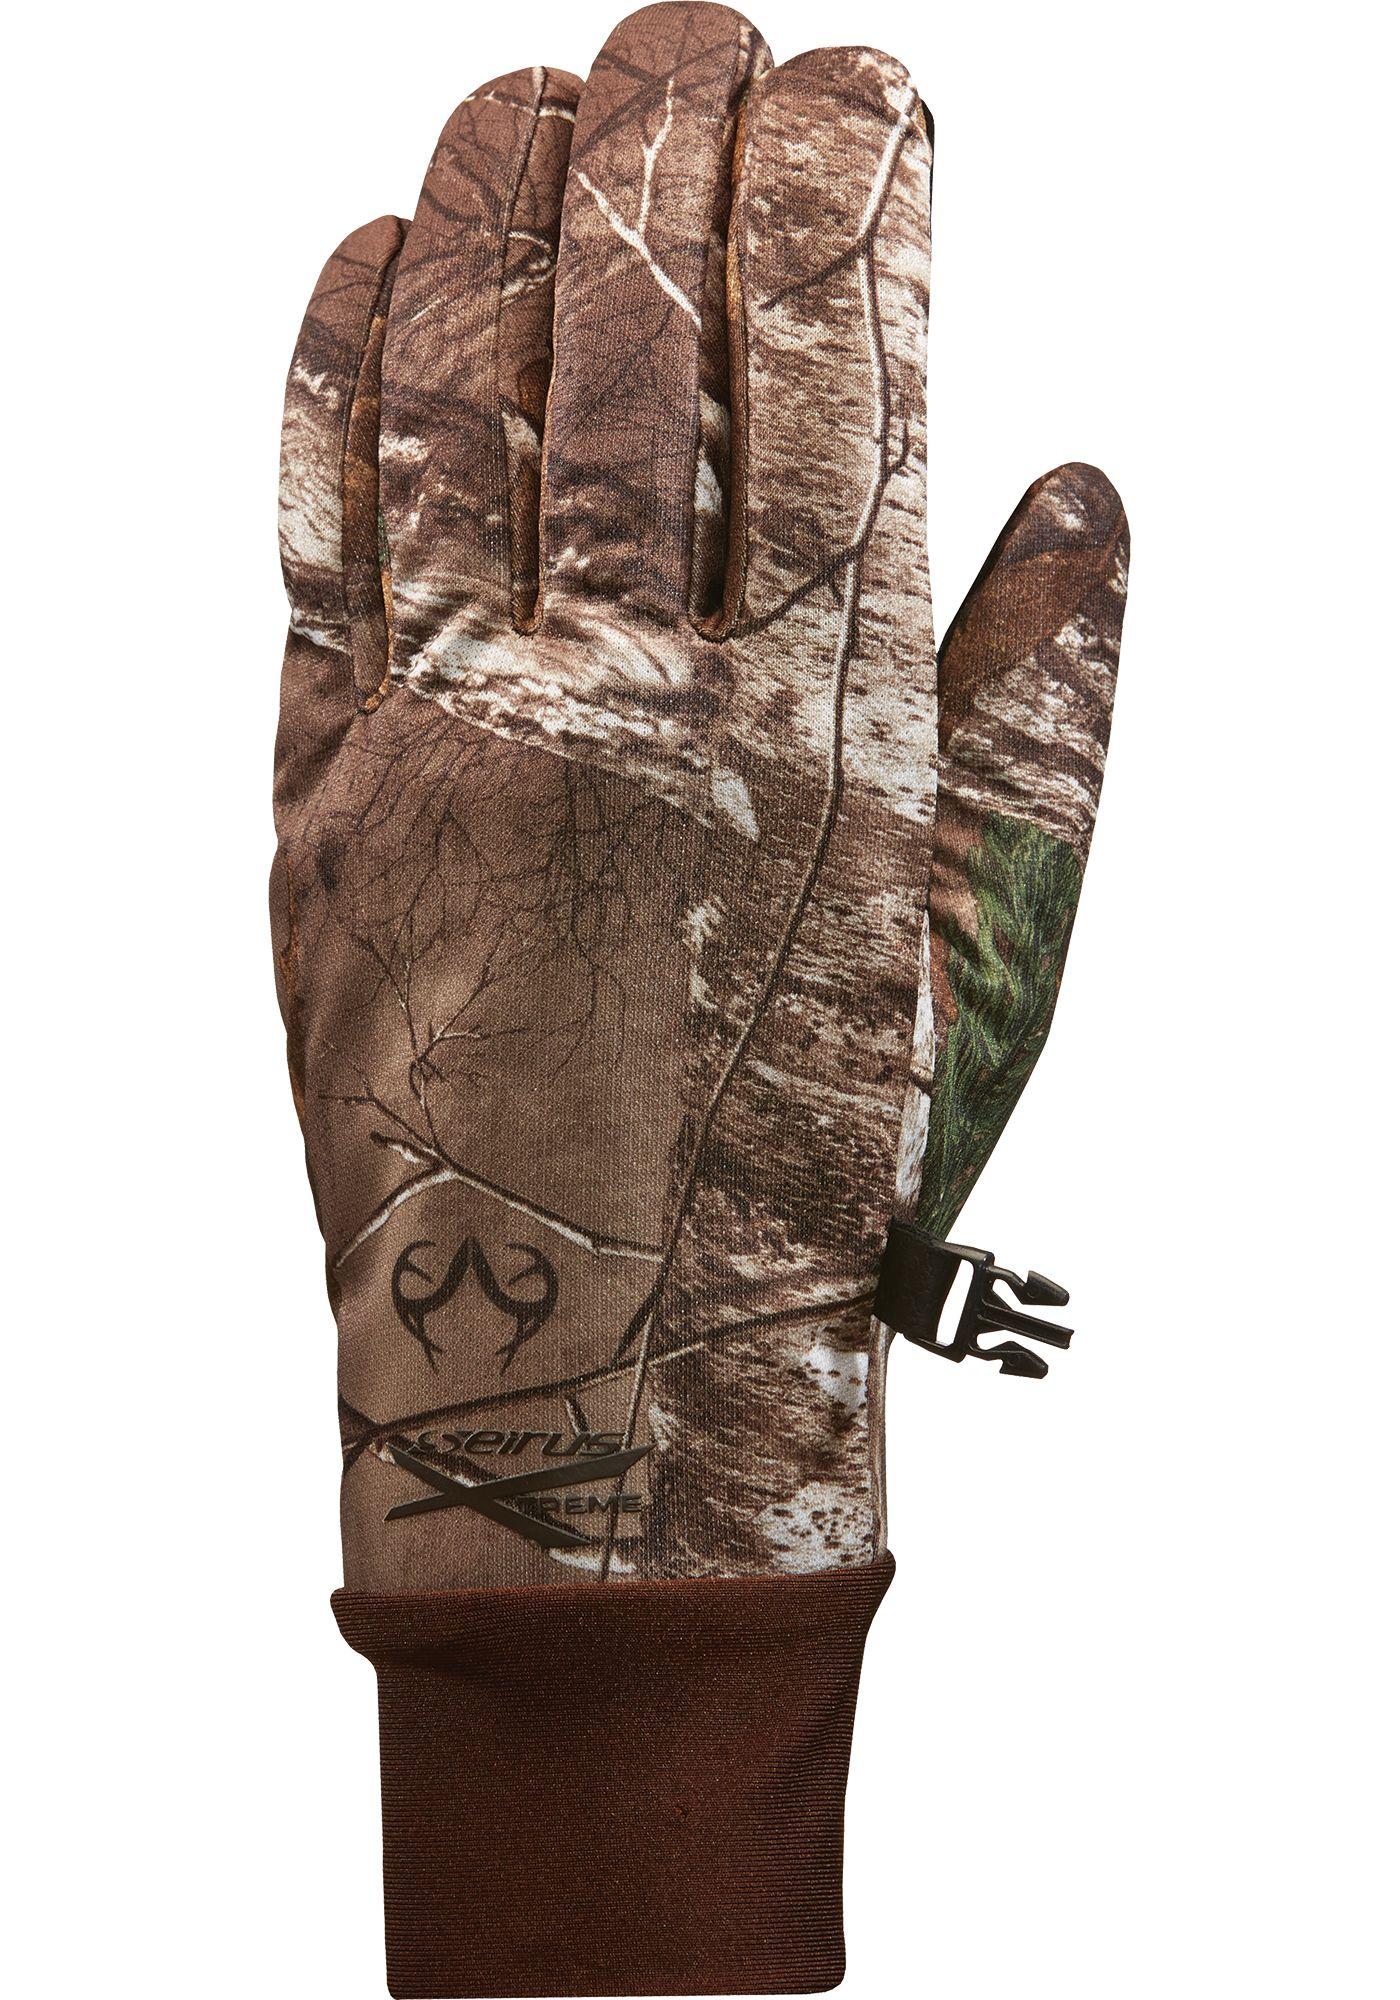 Seirus Xtreme Hyperlite All Weather Gloves